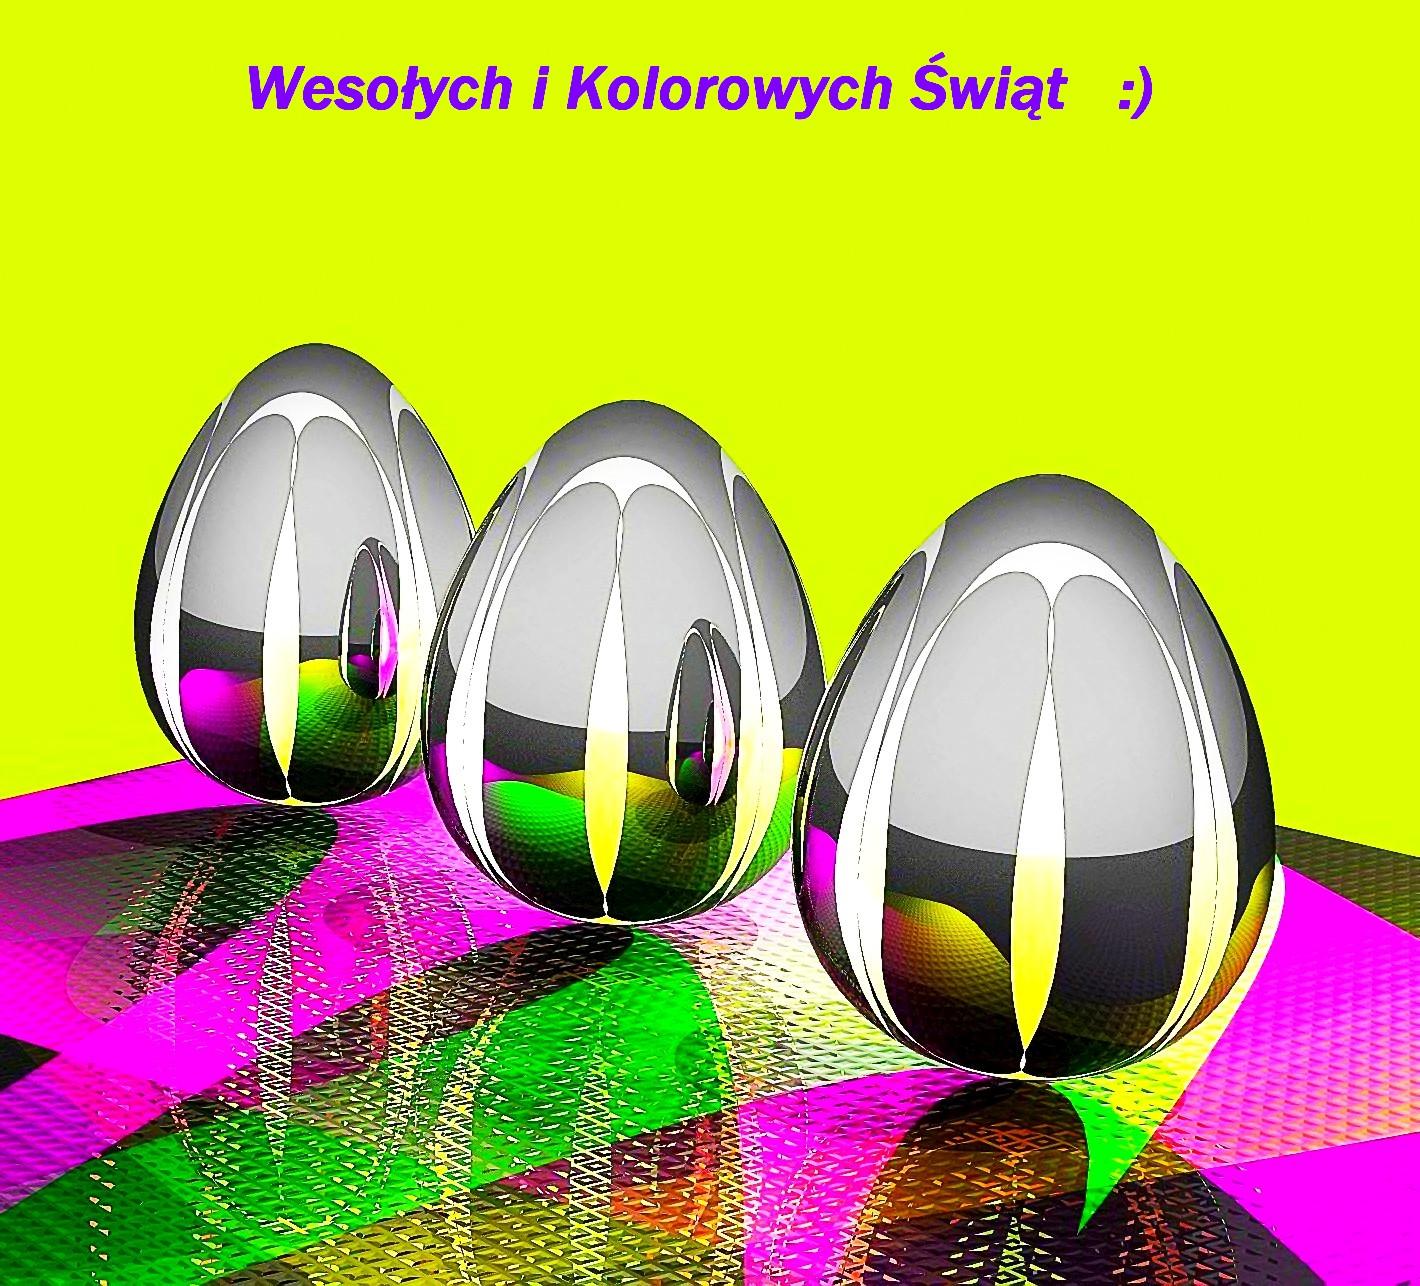 tapeta-wielkanocne-szklane-pisanki-w-grafice-3d modified.jpg